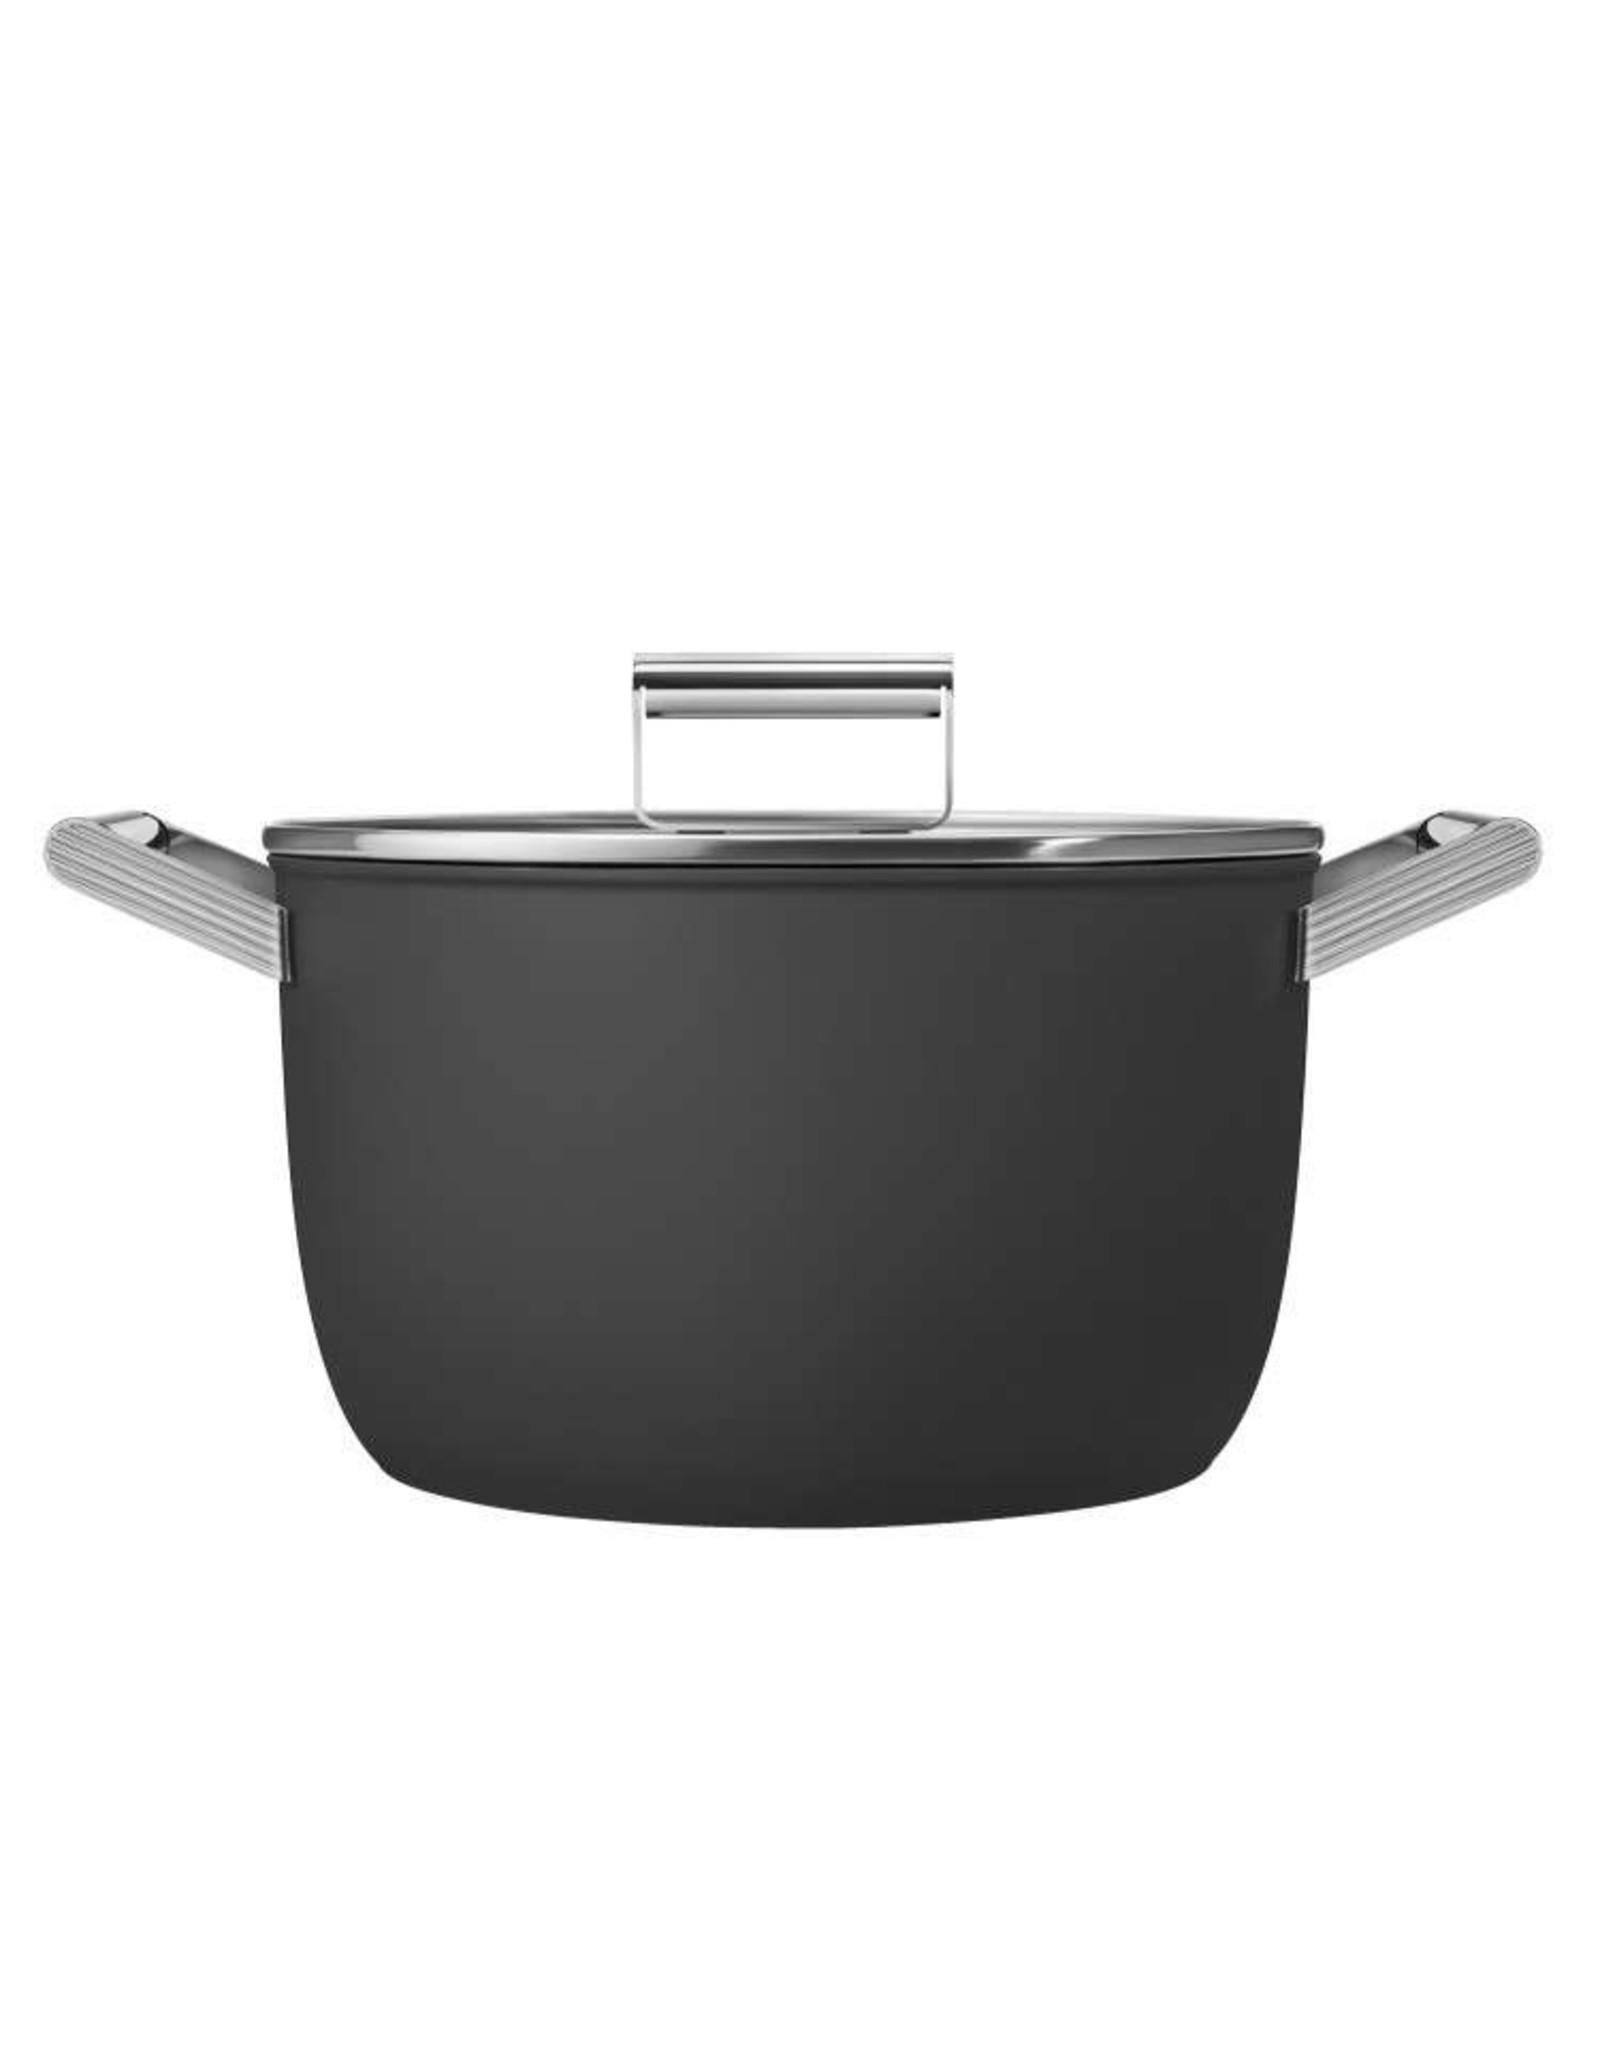 Smeg pannen Smeg. Kookpan. Met Deksel 24 cm. Mat zwart